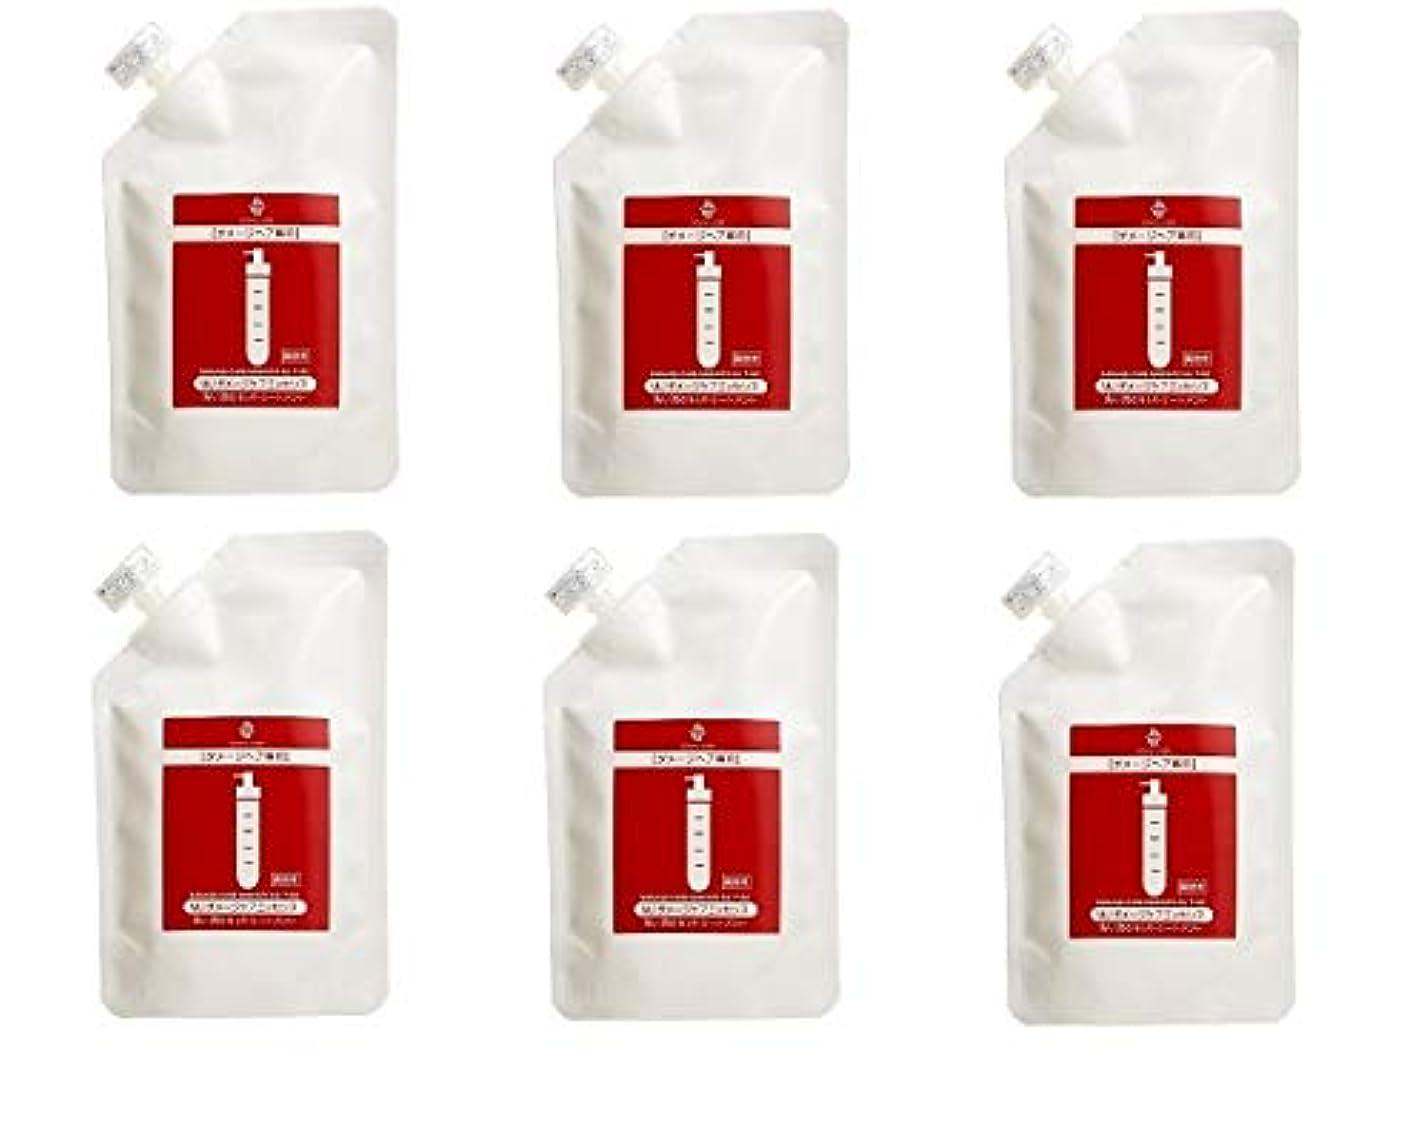 典型的な取る補助【6個セット】 マーガレット ジョセフィン ダメージケアエッセンス 詰替え用 120ml